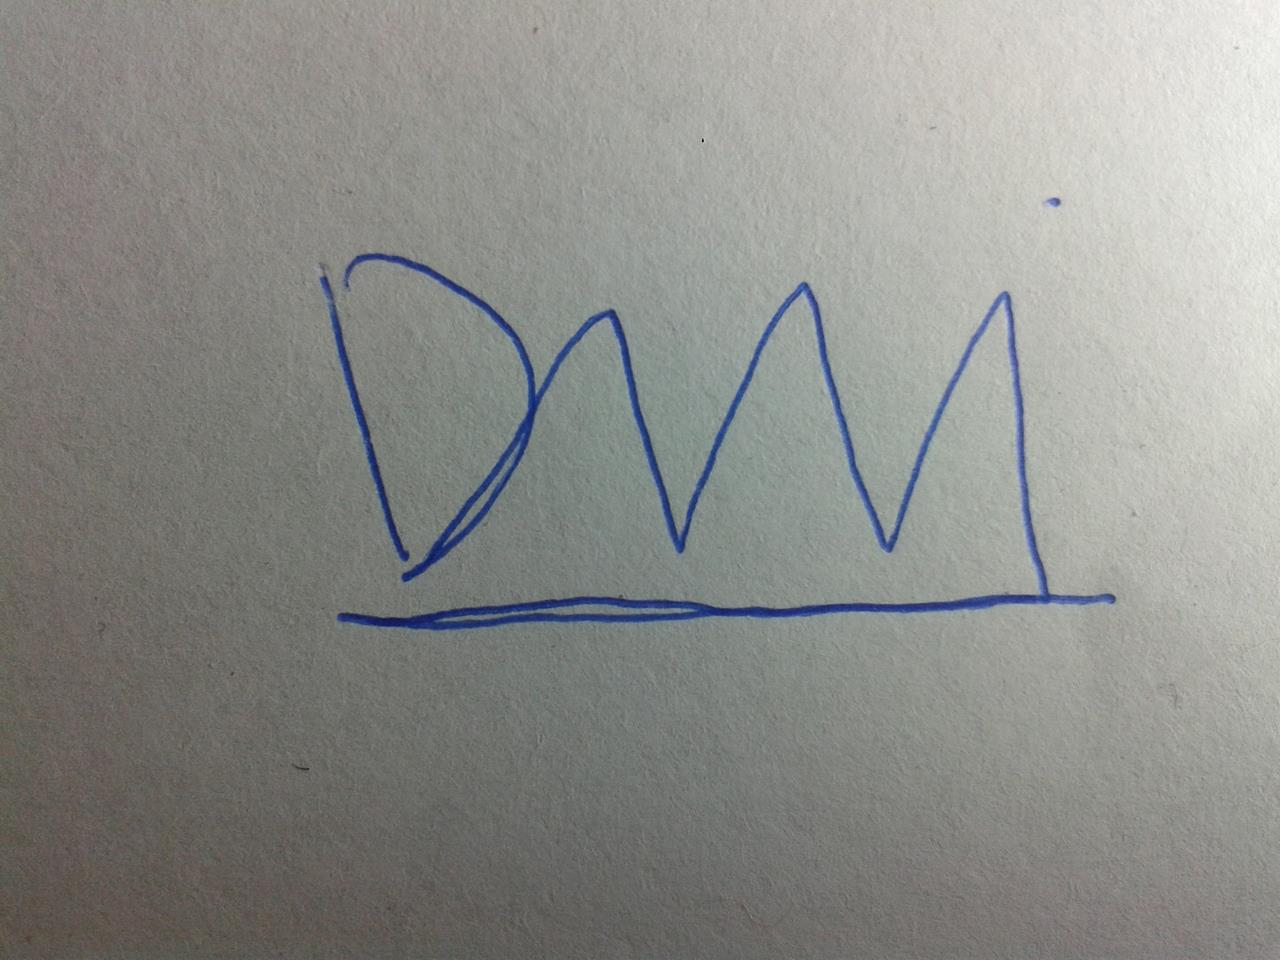 tanda tangan kresnoadi keriba-keribo